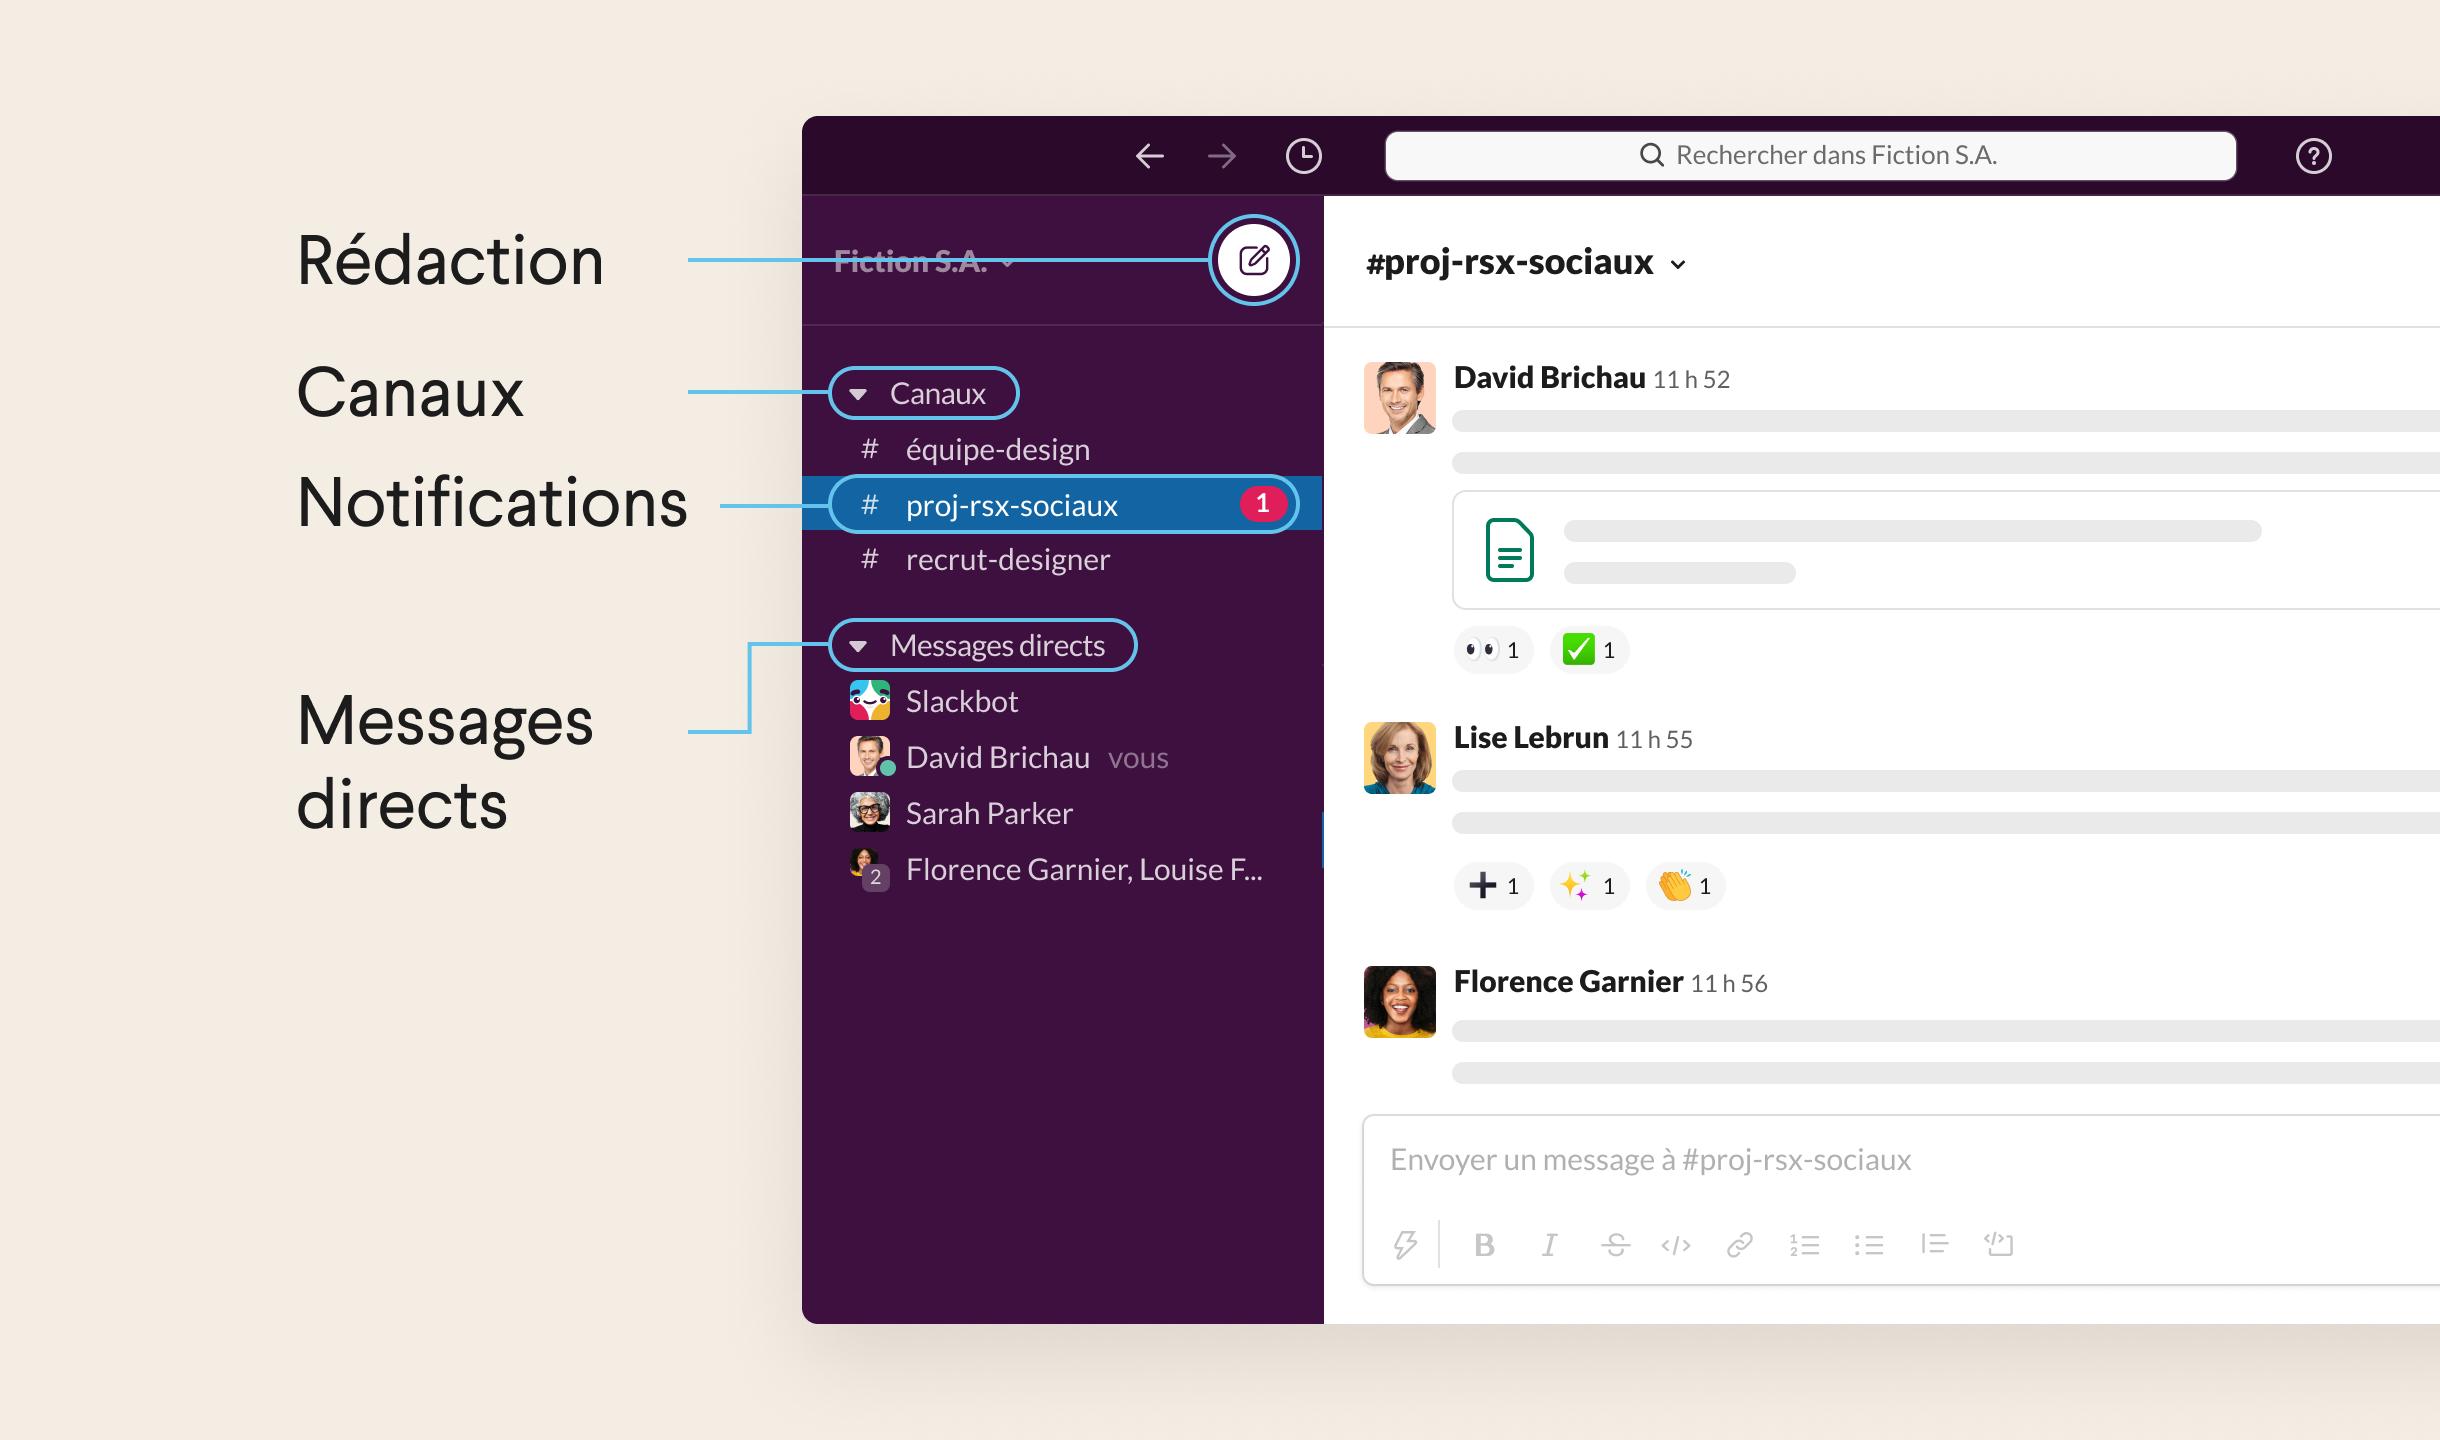 Liste des canaux, messages directs et notifications accessibles dans la barre latérale gauche de Slack